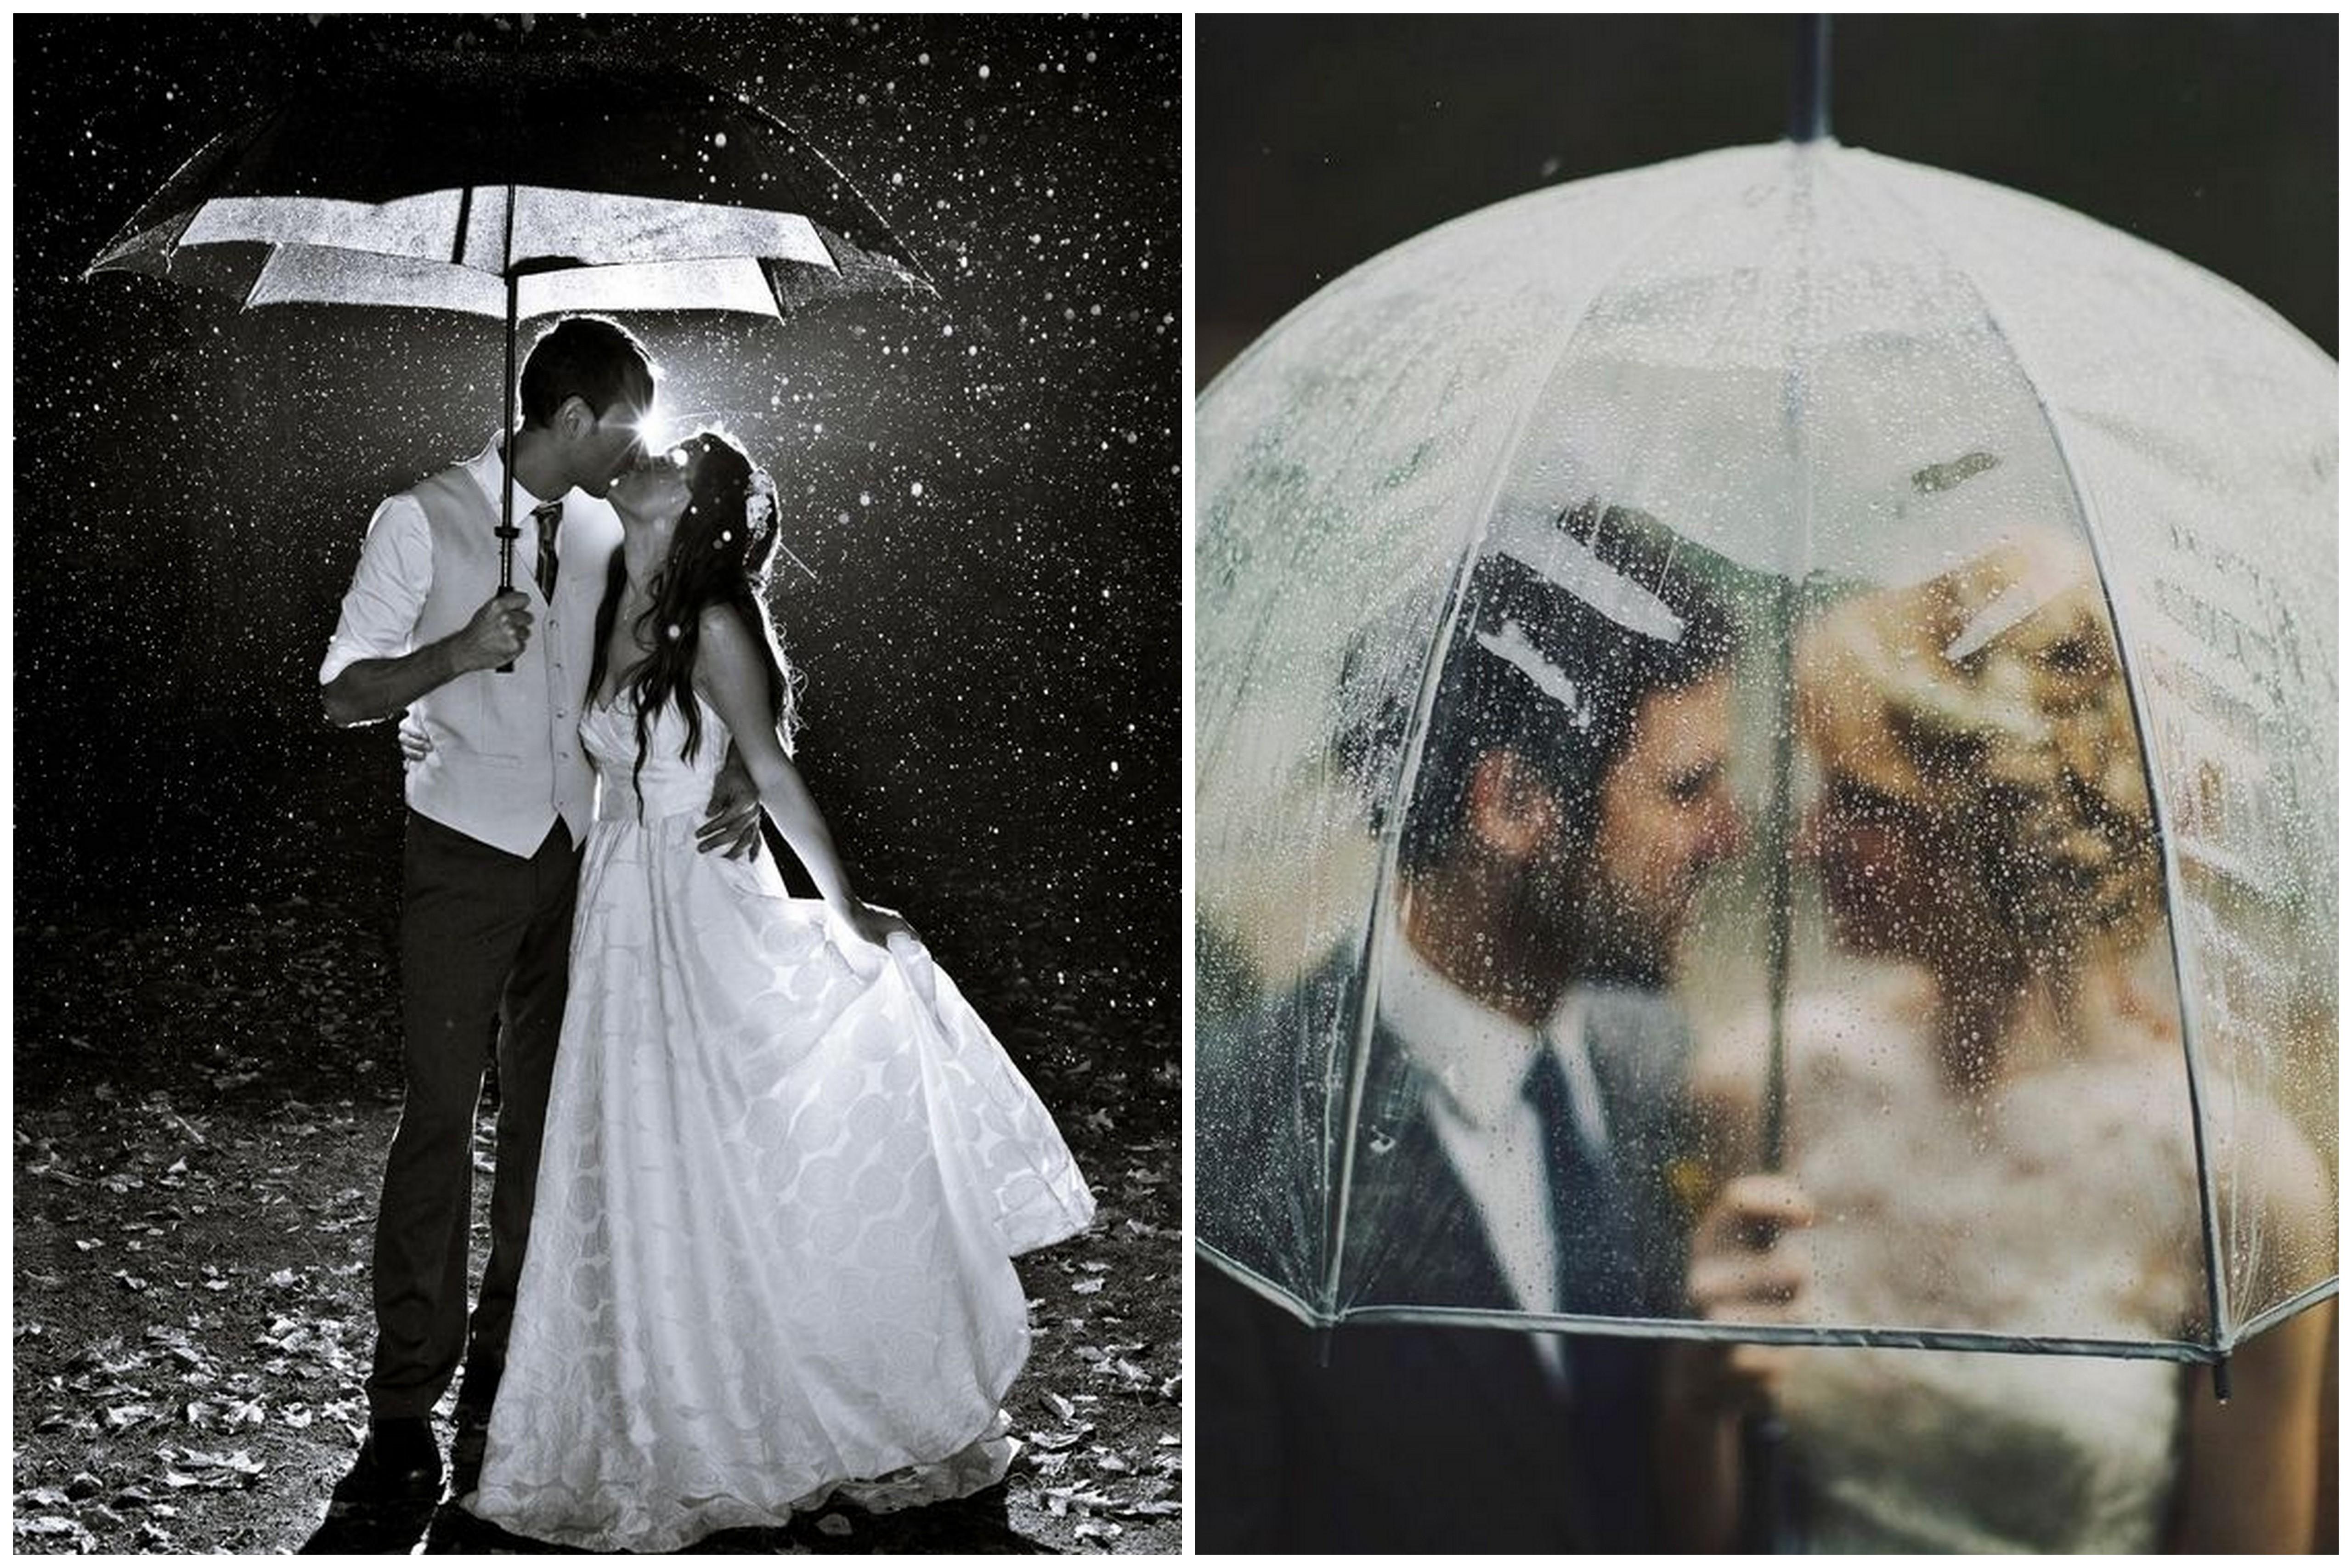 rainy photo